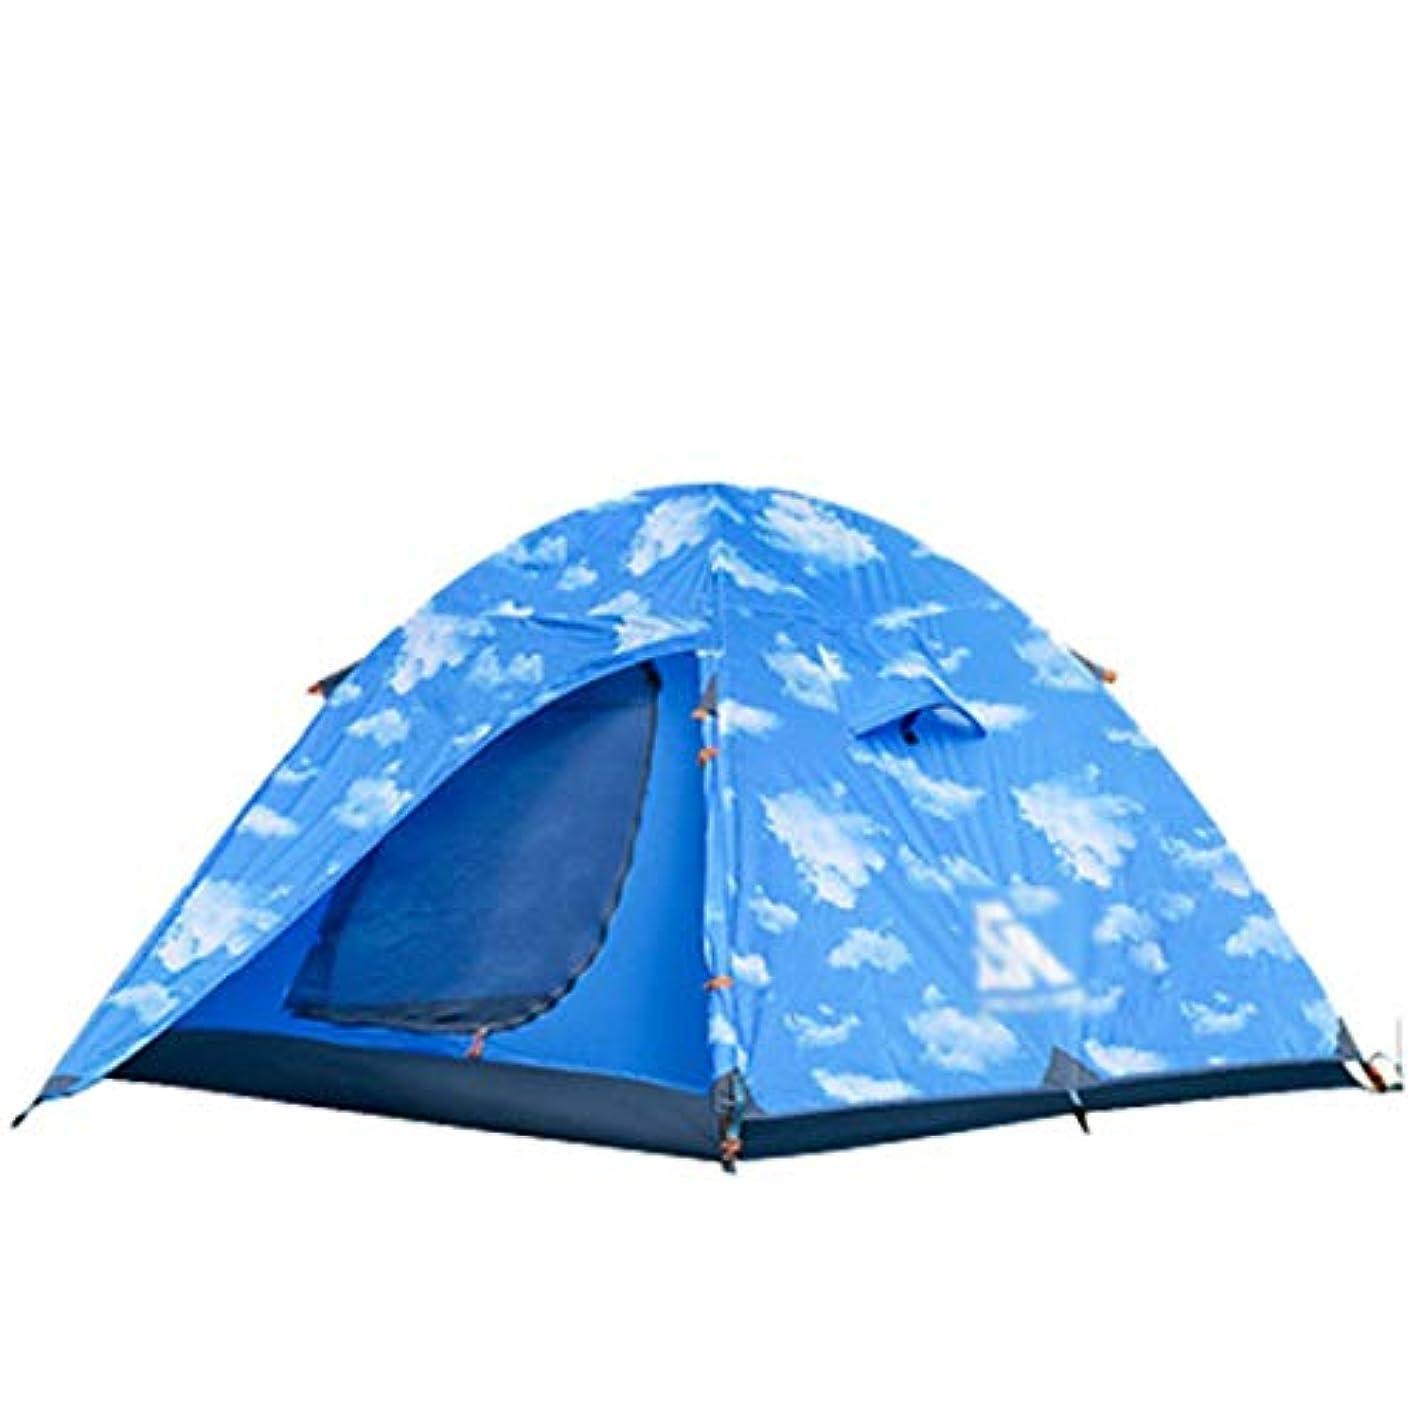 犬一時的機関KingsleyW 3-4人のキャンプテント4シーズンダブルドアアルミロッドバックパッキングテント屋外スポーツのために組み立てる必要があります (サイズ : 3-4P)